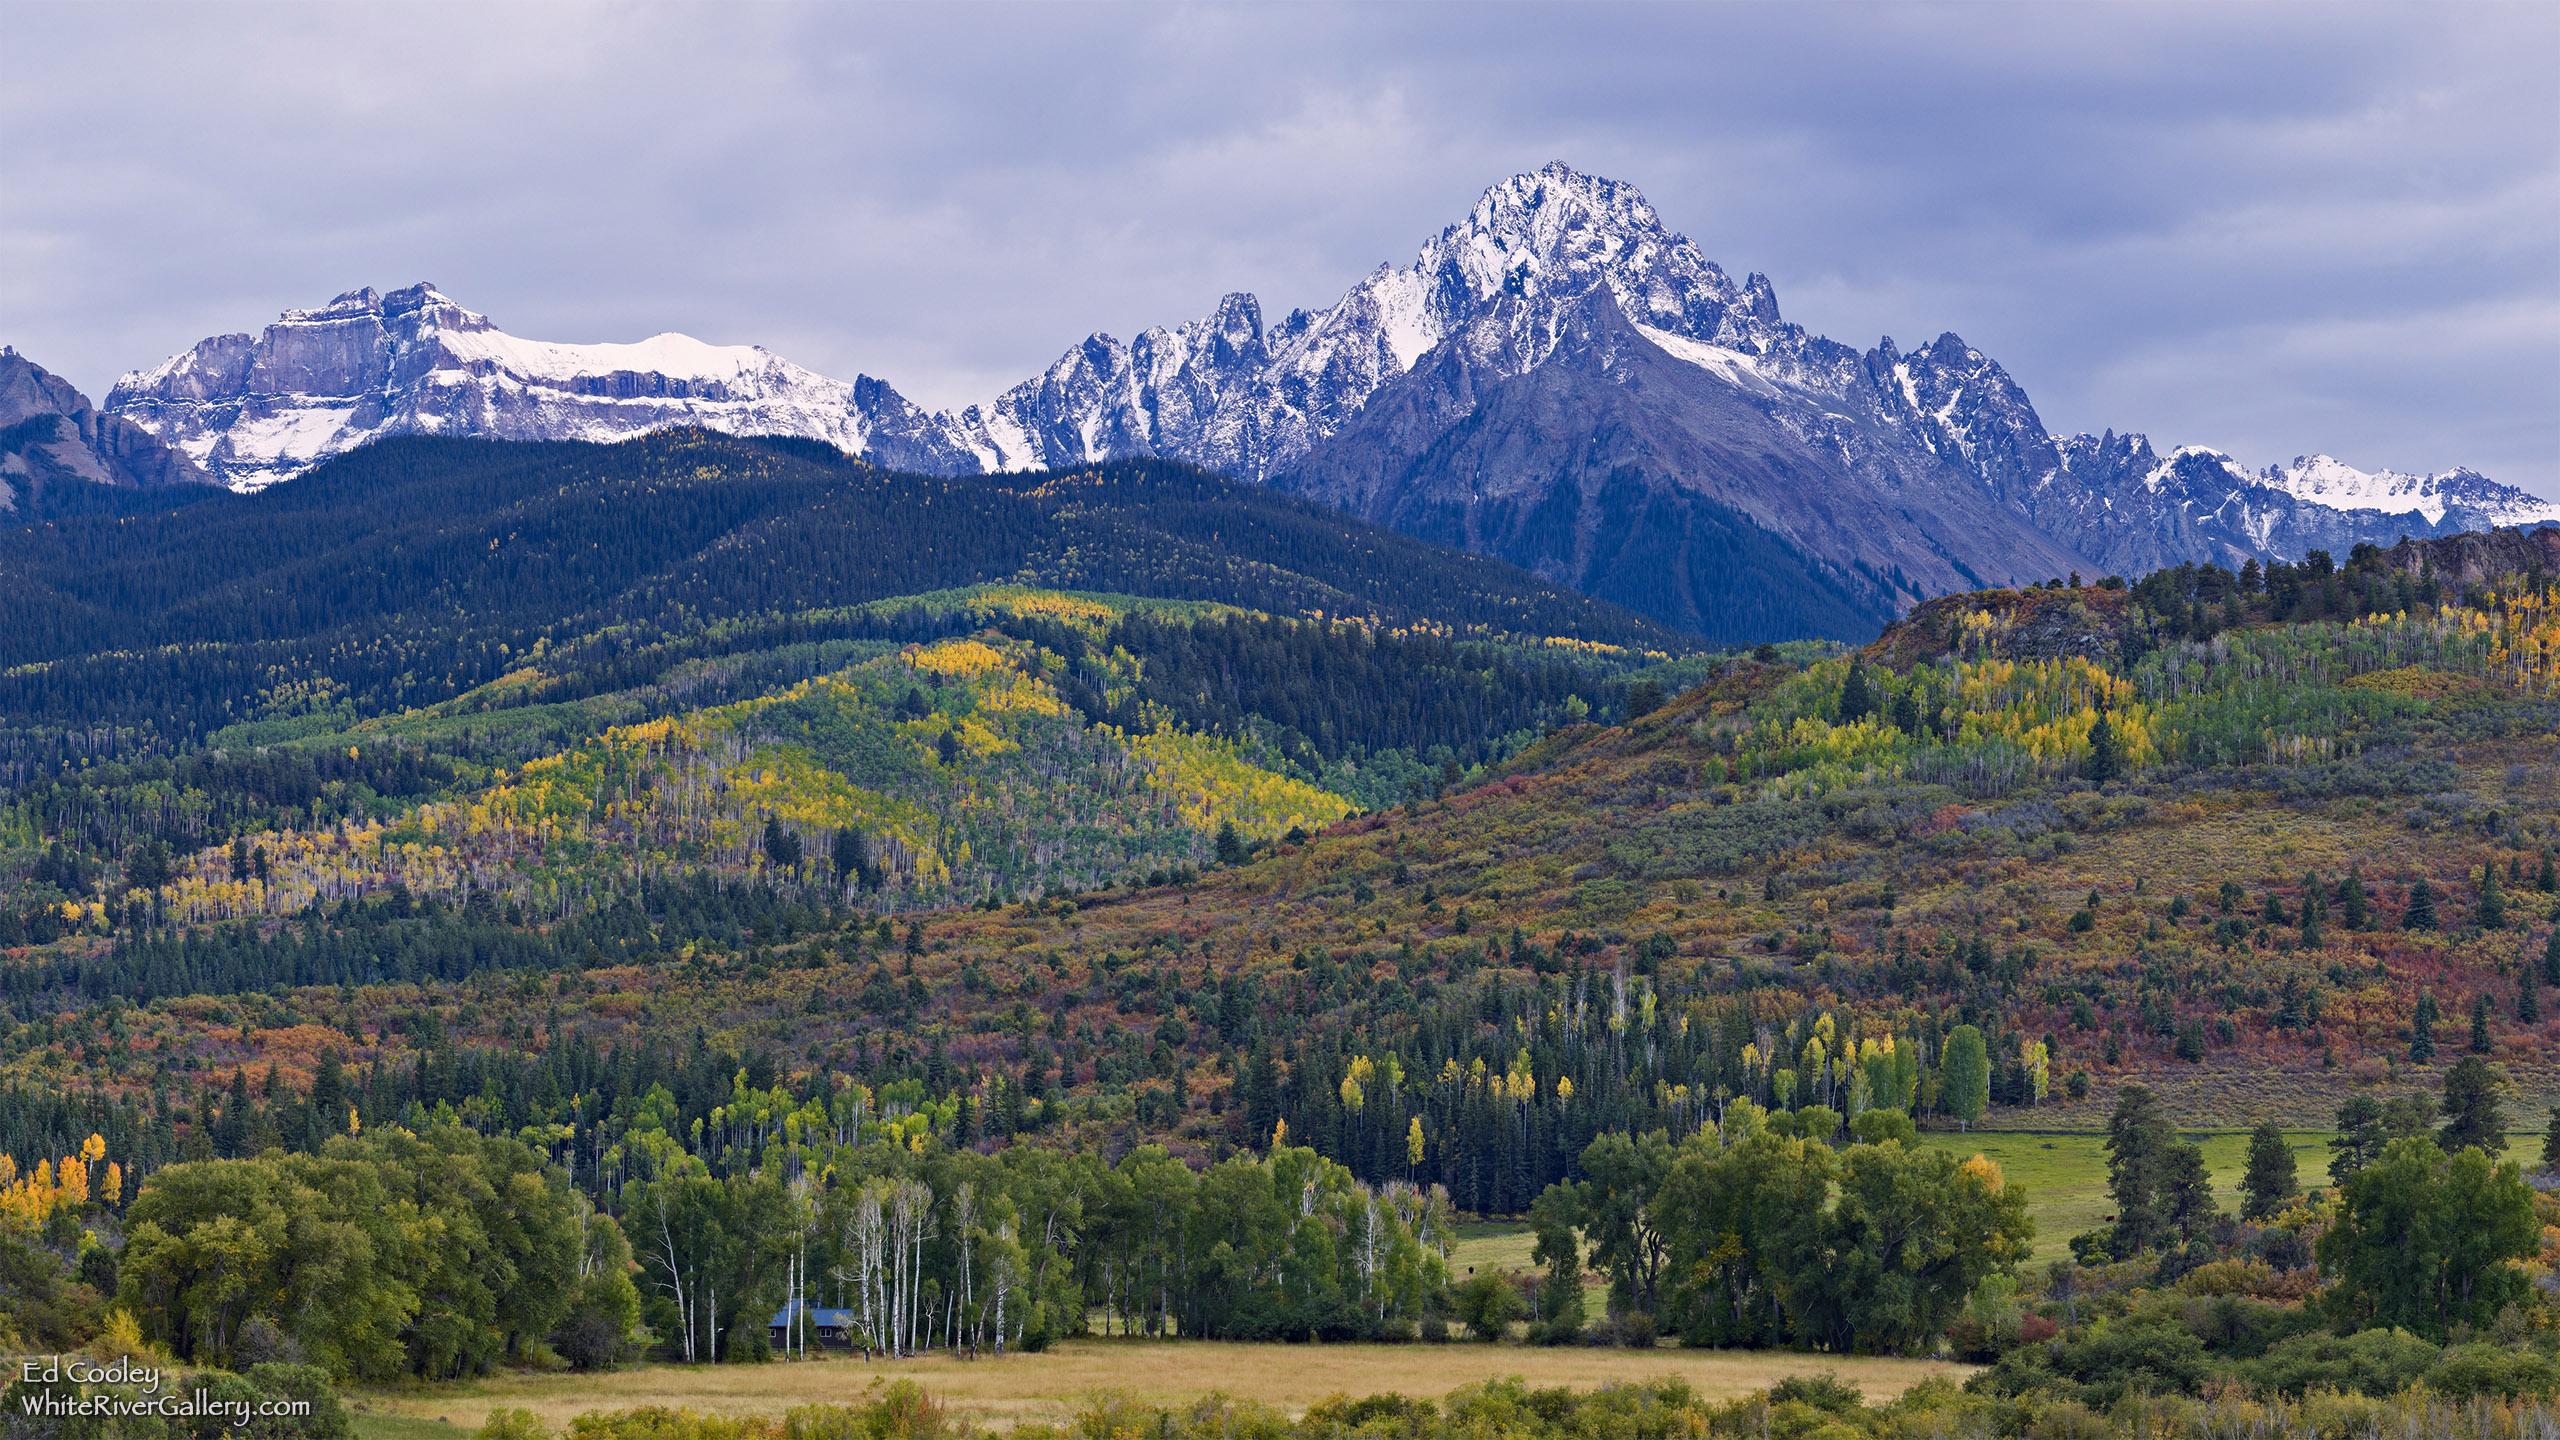 Super HD Wallpaper Autumn in Colorado Ed Cooley Fine Art 2560x1440